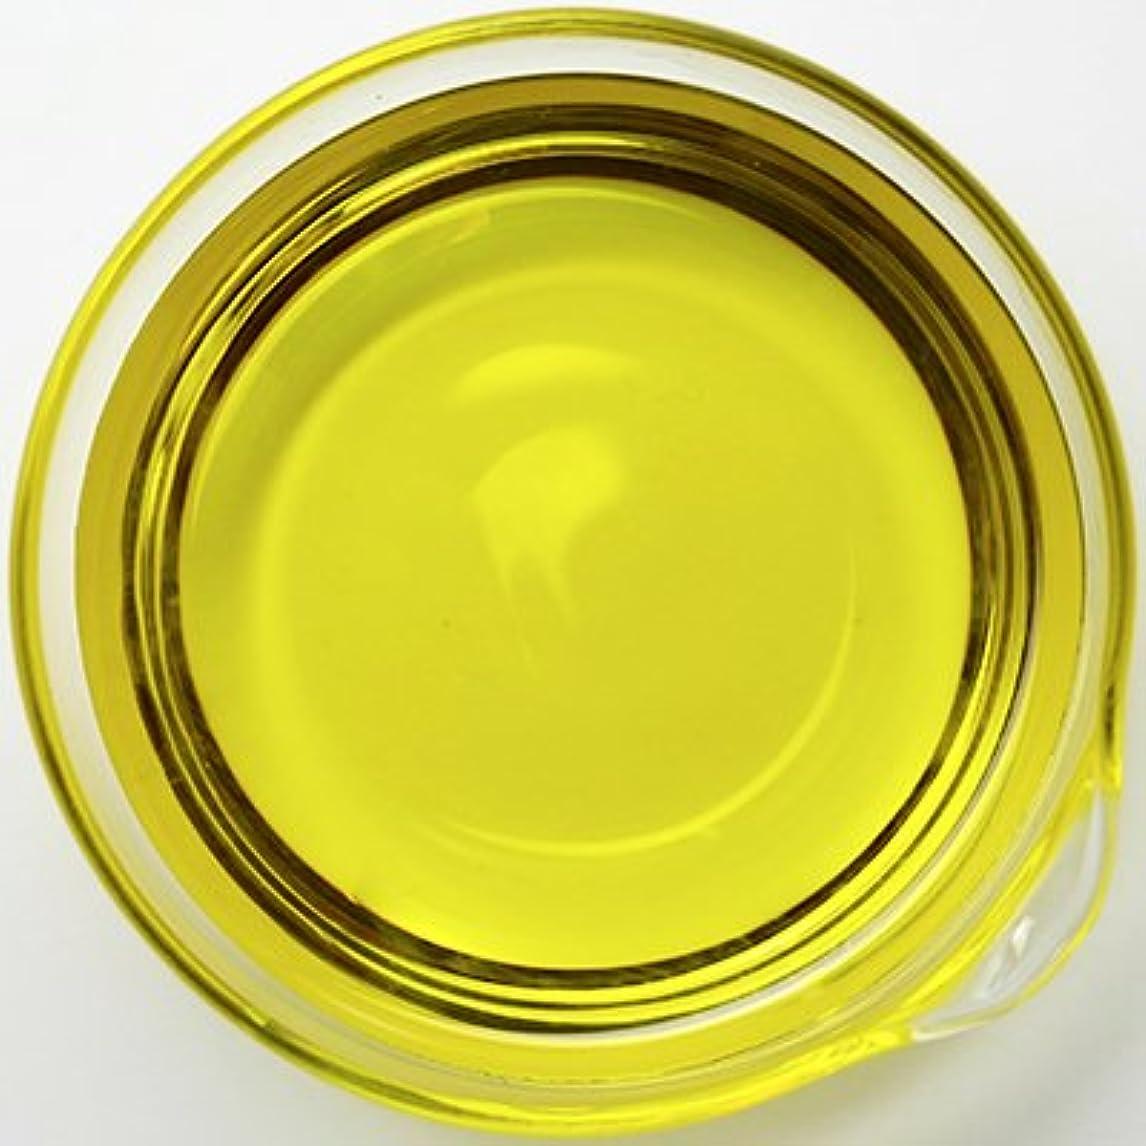 幸運なことにコウモリ証言オーガニック アルニカオイル [アルニカ抽出油] 500ml 【アルニカ油/手作り石鹸/手作りコスメ/美容オイル/キャリアオイル/マッサージオイル】